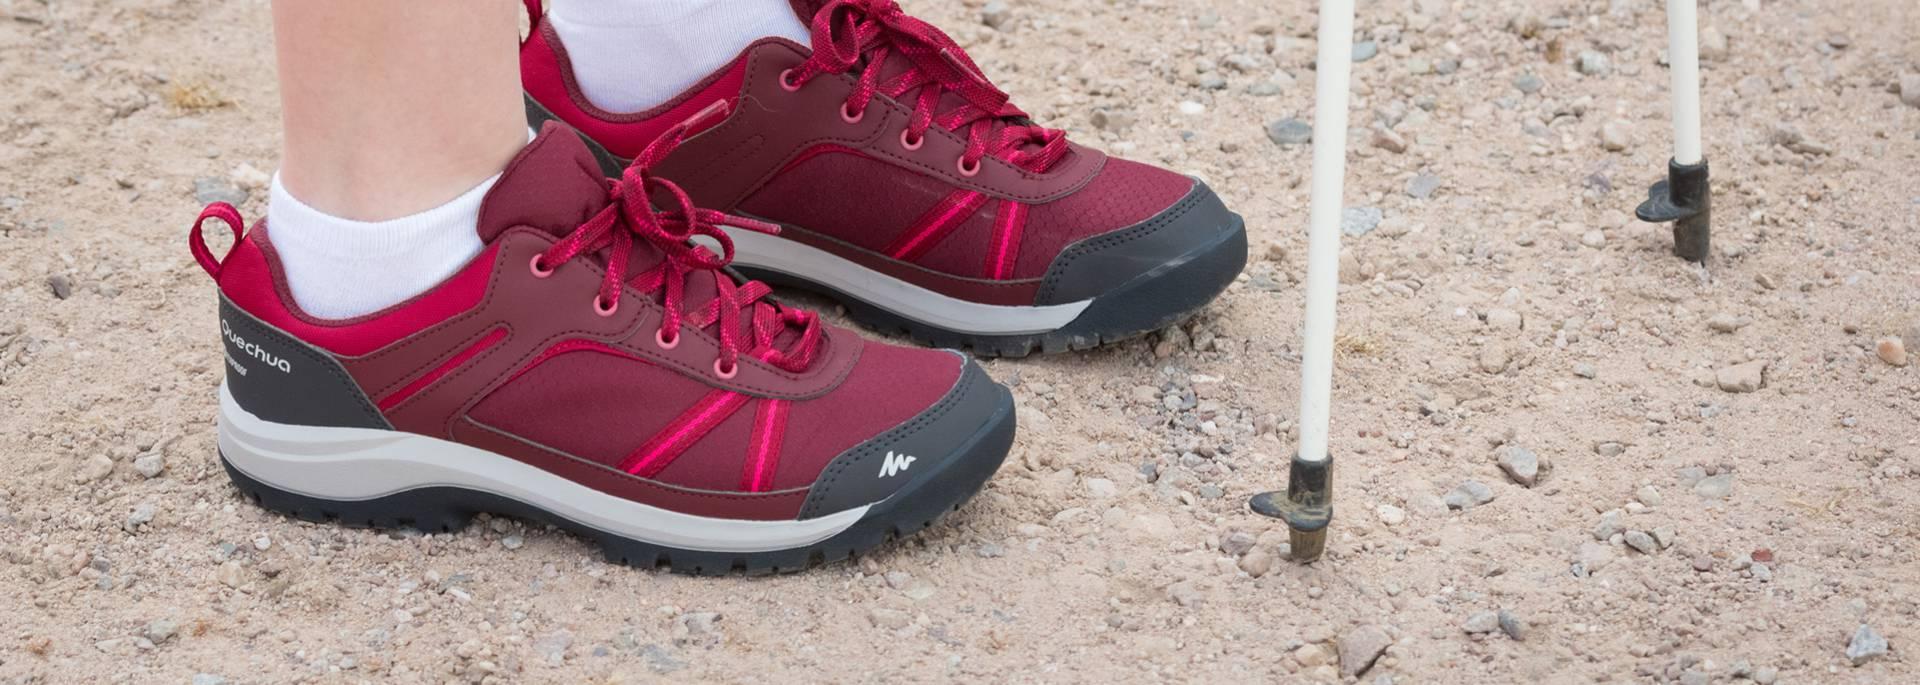 Chaussures de marche - Randonnée Vosges - Equipement de randonnée Vosges